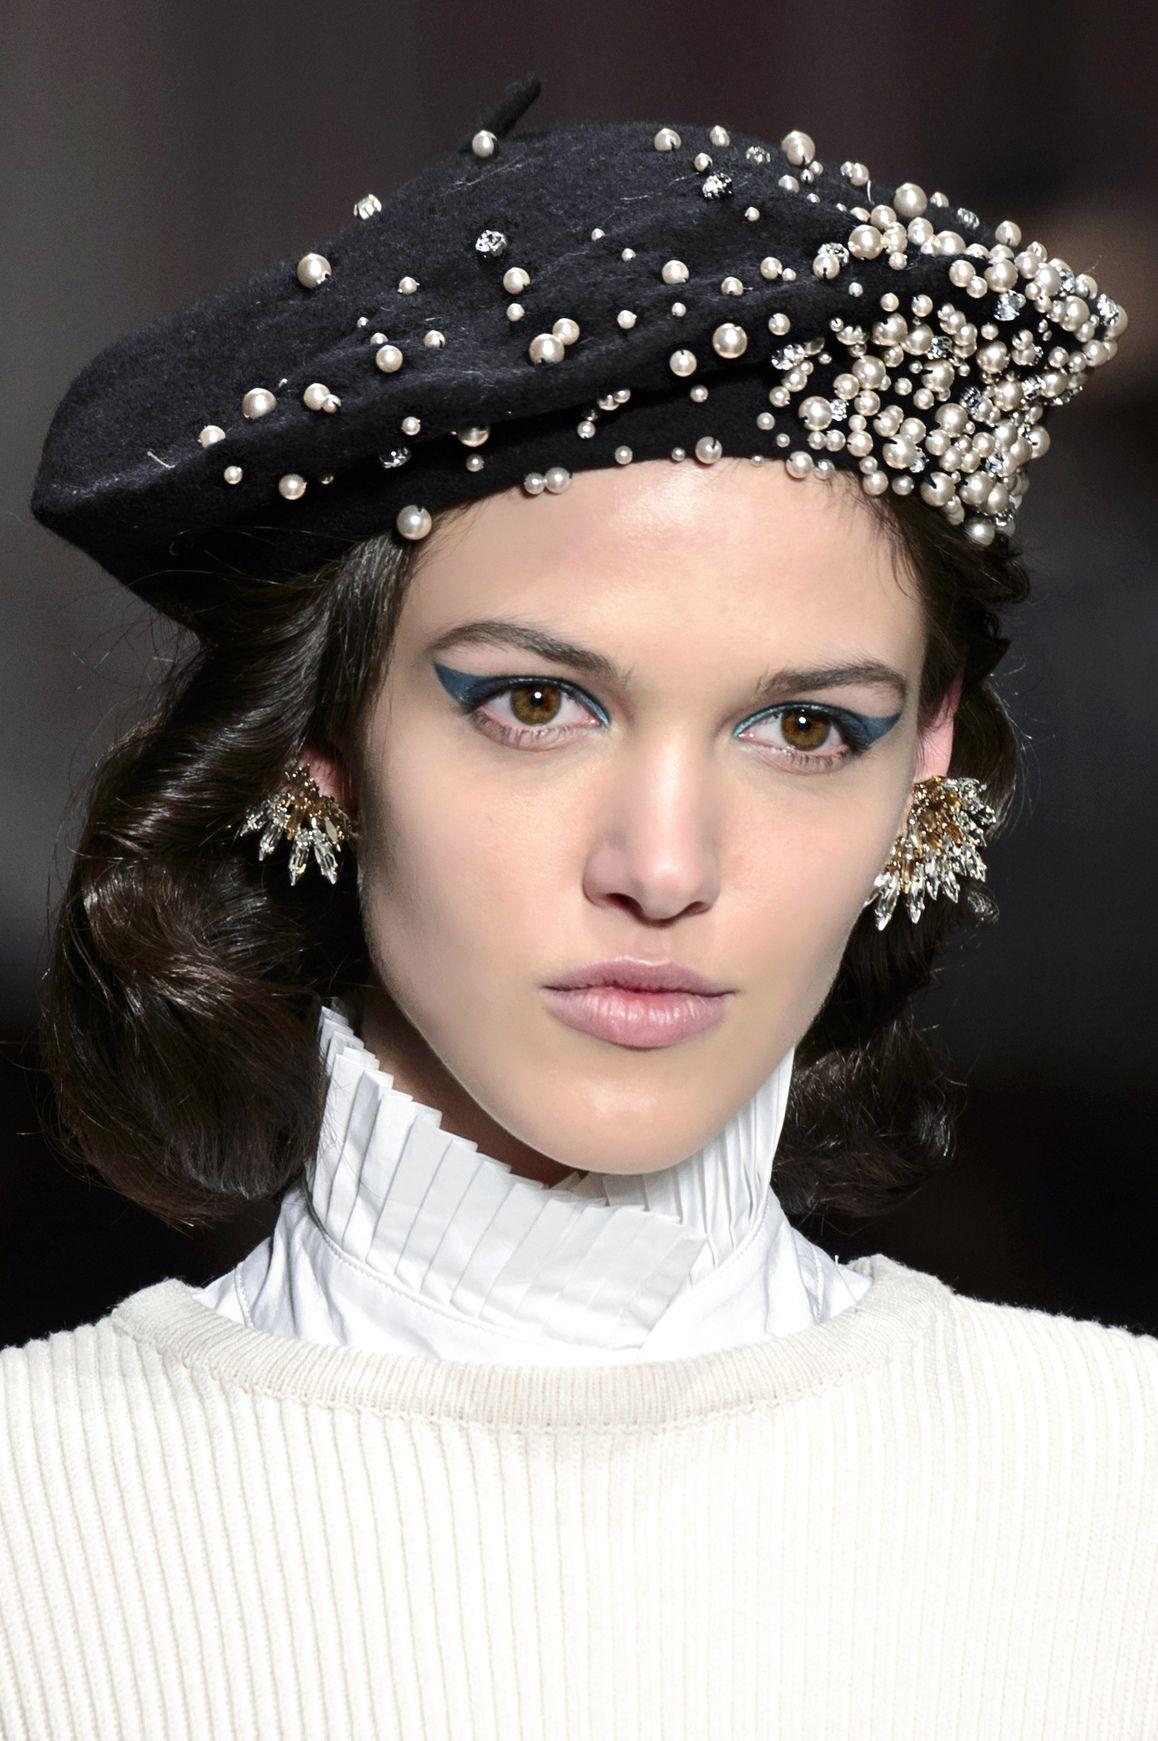 Fashion Alert --  Il basco è la tendenza che completerà meglio i ... 5c0a3625d5f9